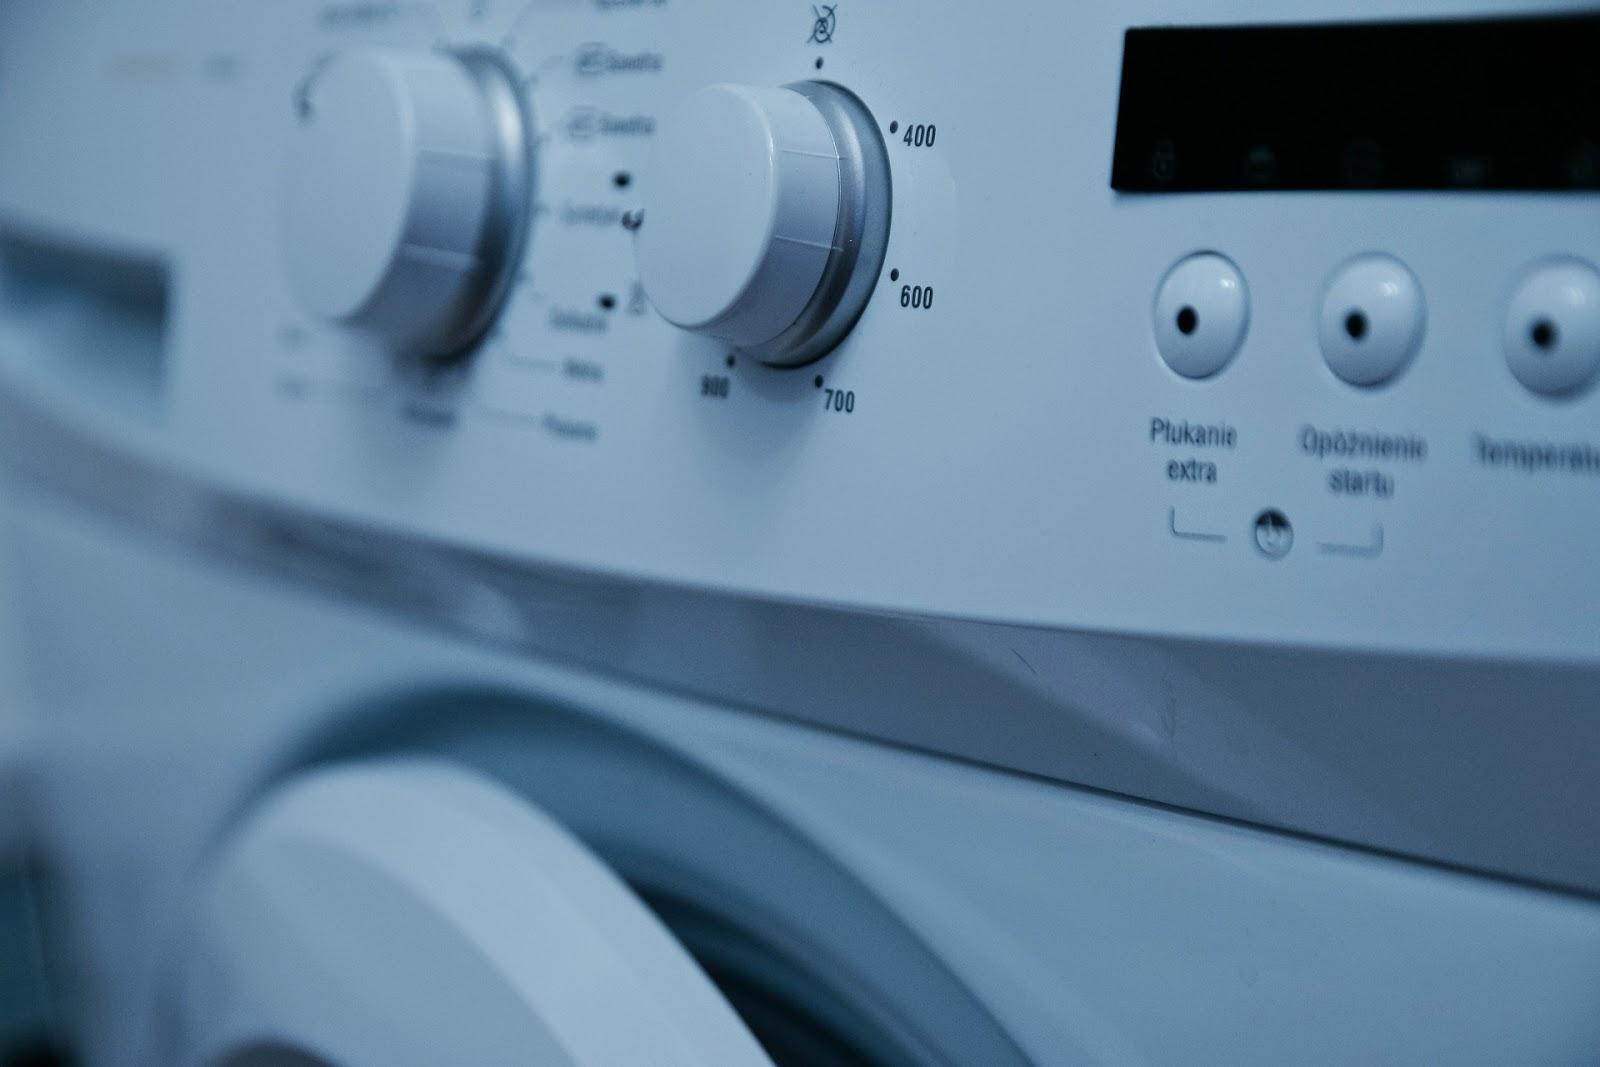 Πώς καθαρίζουμε το πλυντήριο ρούχων;